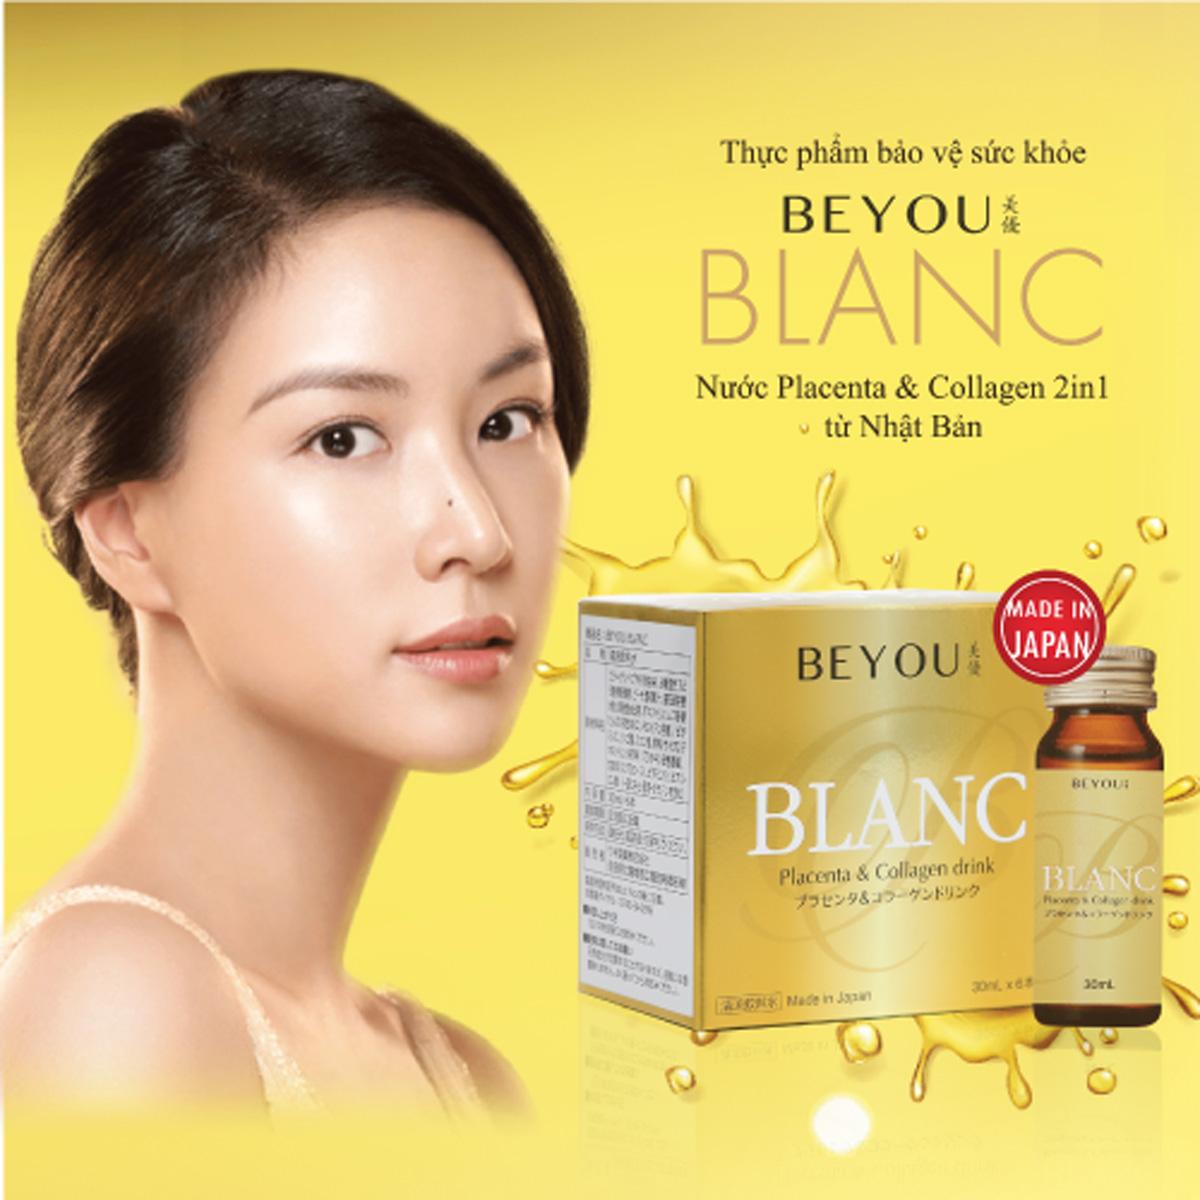 Beyou Blanc có sự kết hợp 2 in 1 giữa tinh chất placenta và collagen mang lại làn da tươi tắn